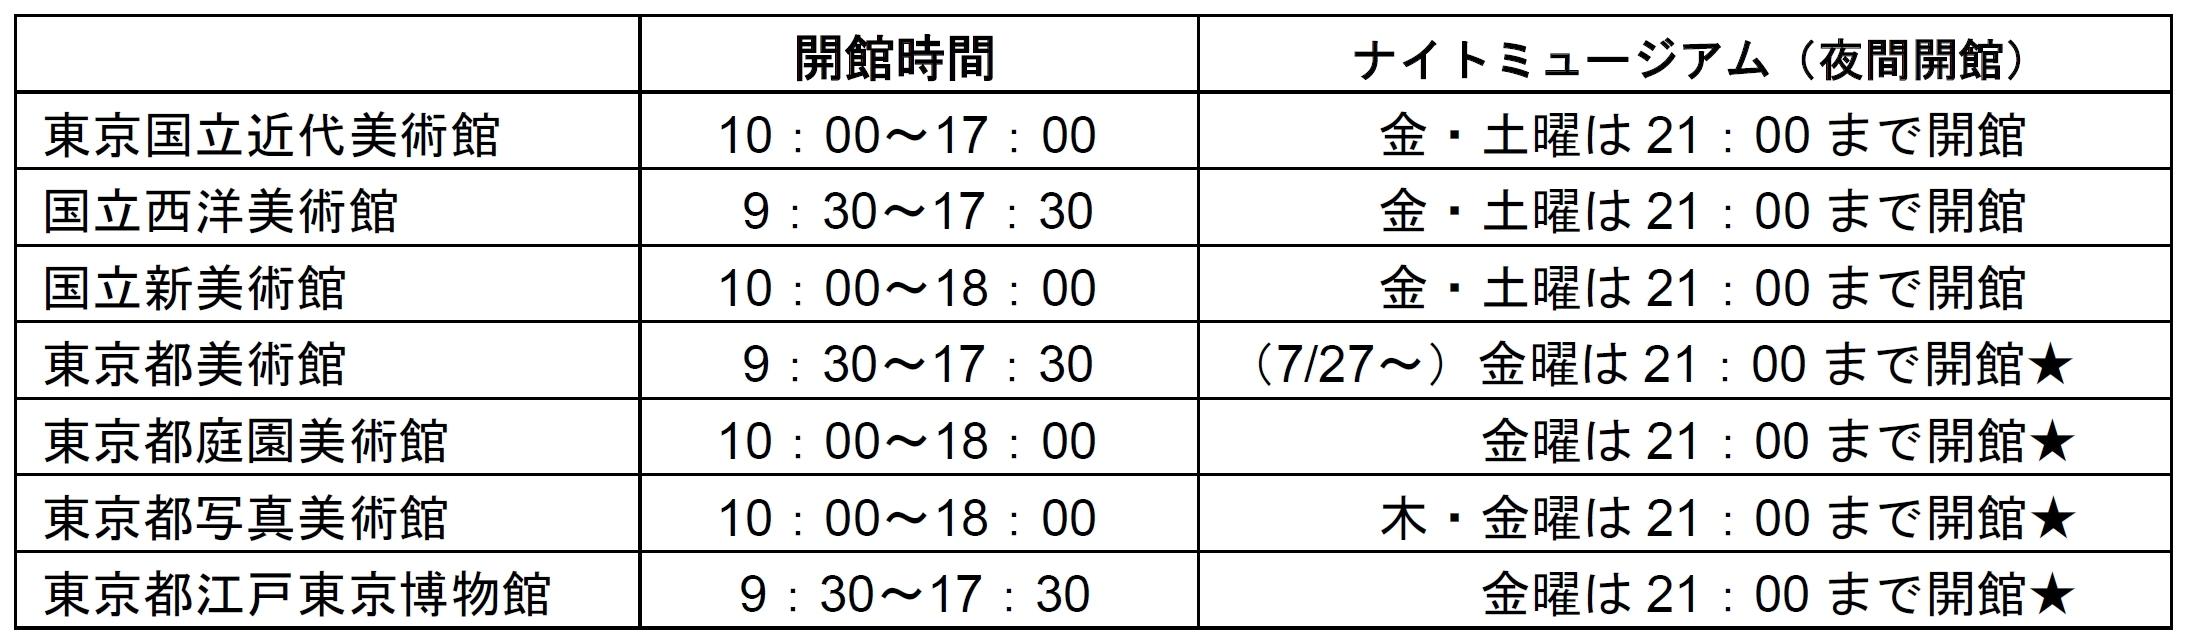 参加ミュージアムおよび開館時間(ラリー期間中)